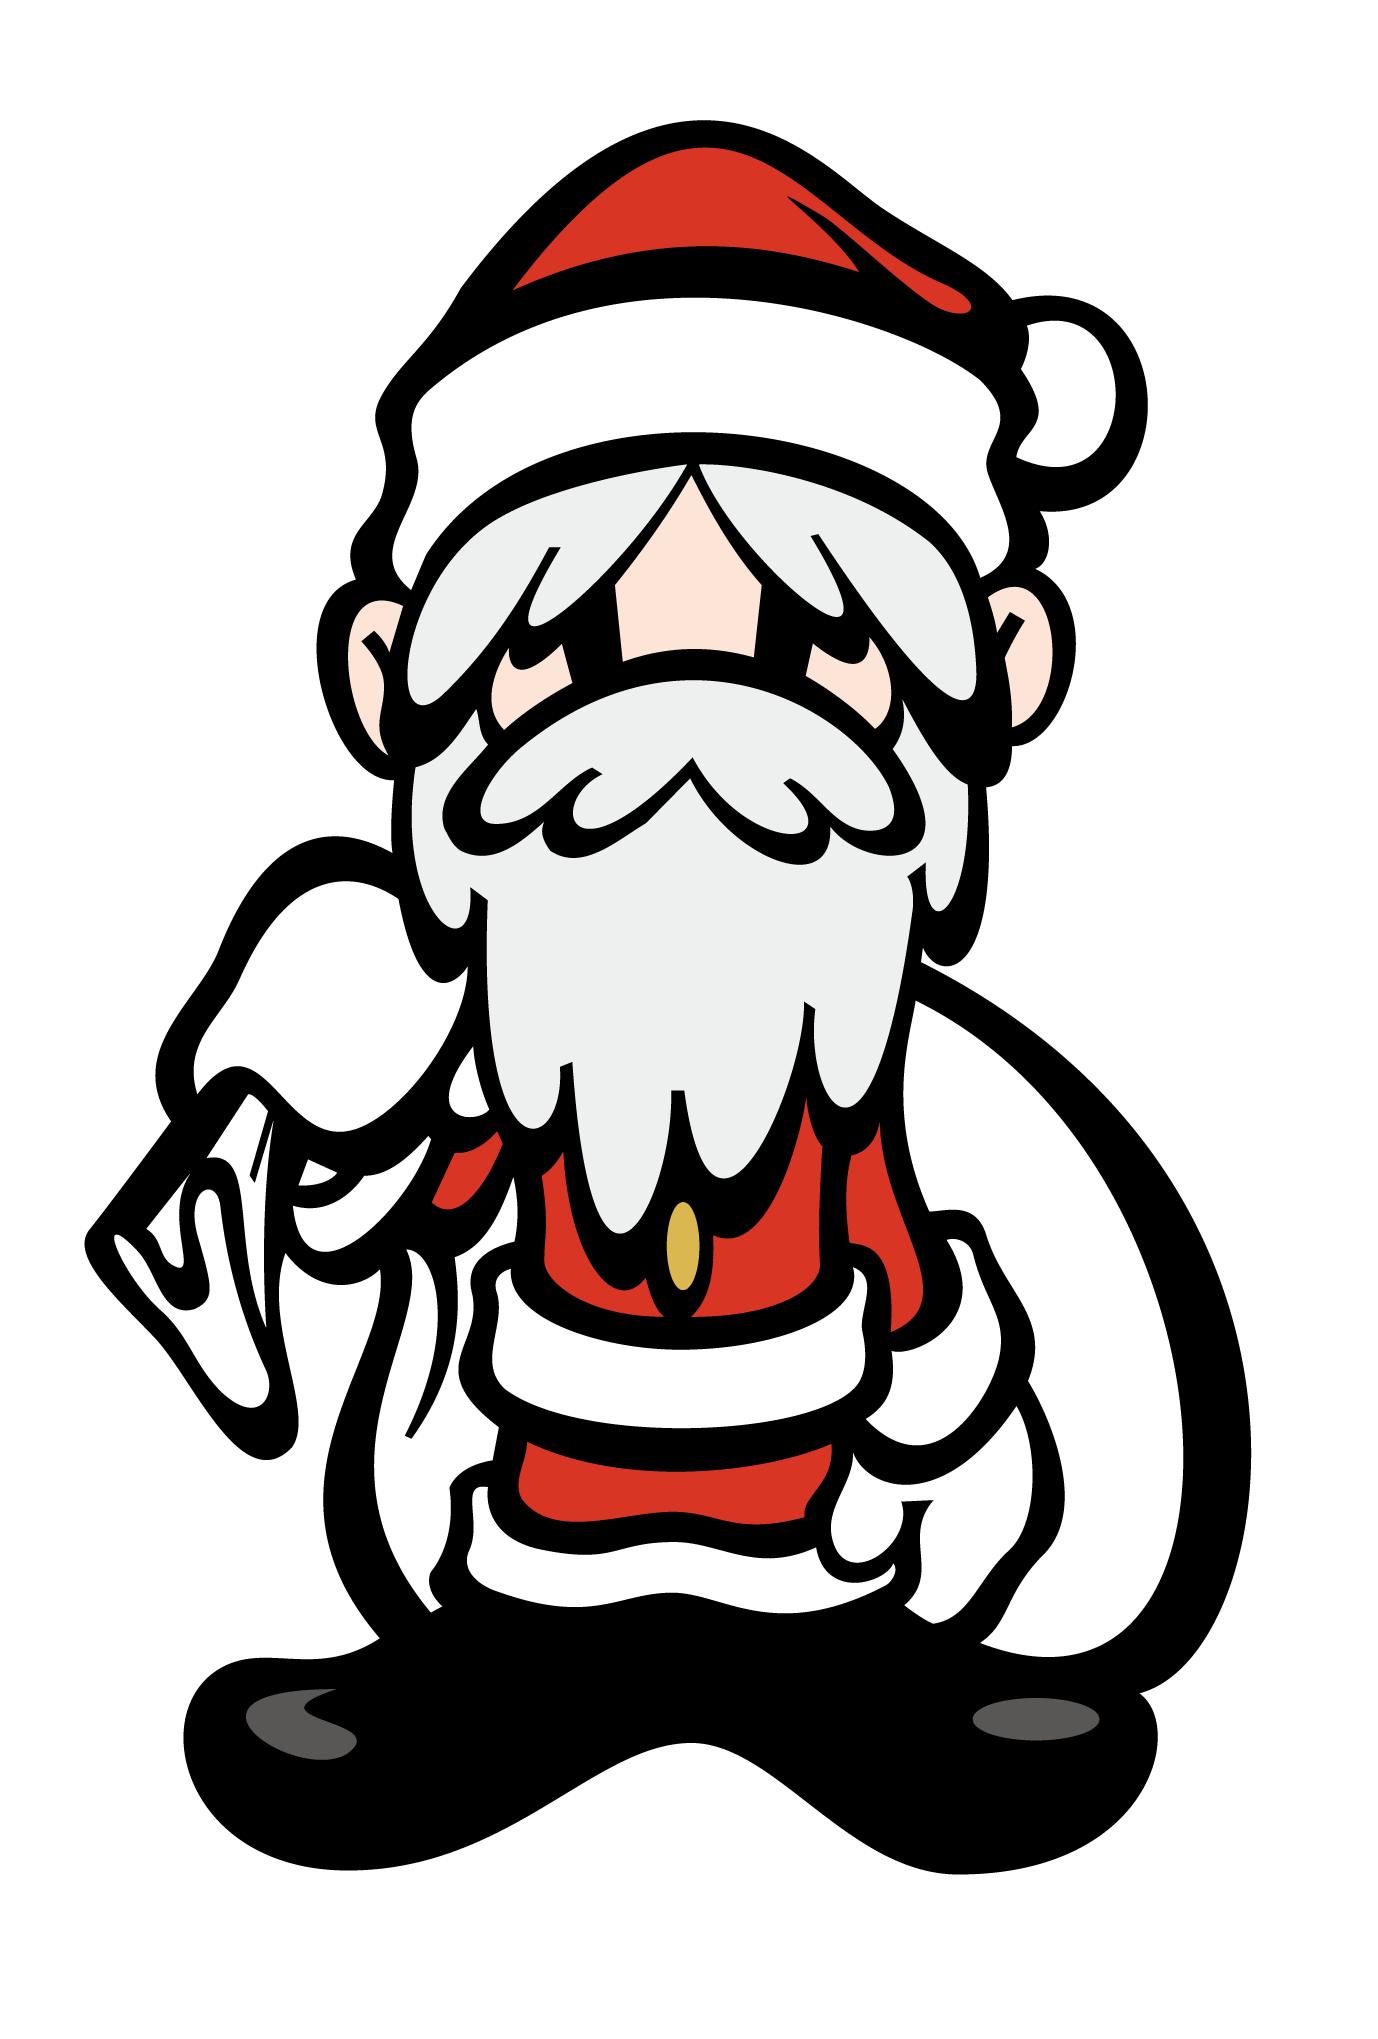 クリスマスカード08:少年サンタのダウンロード画像